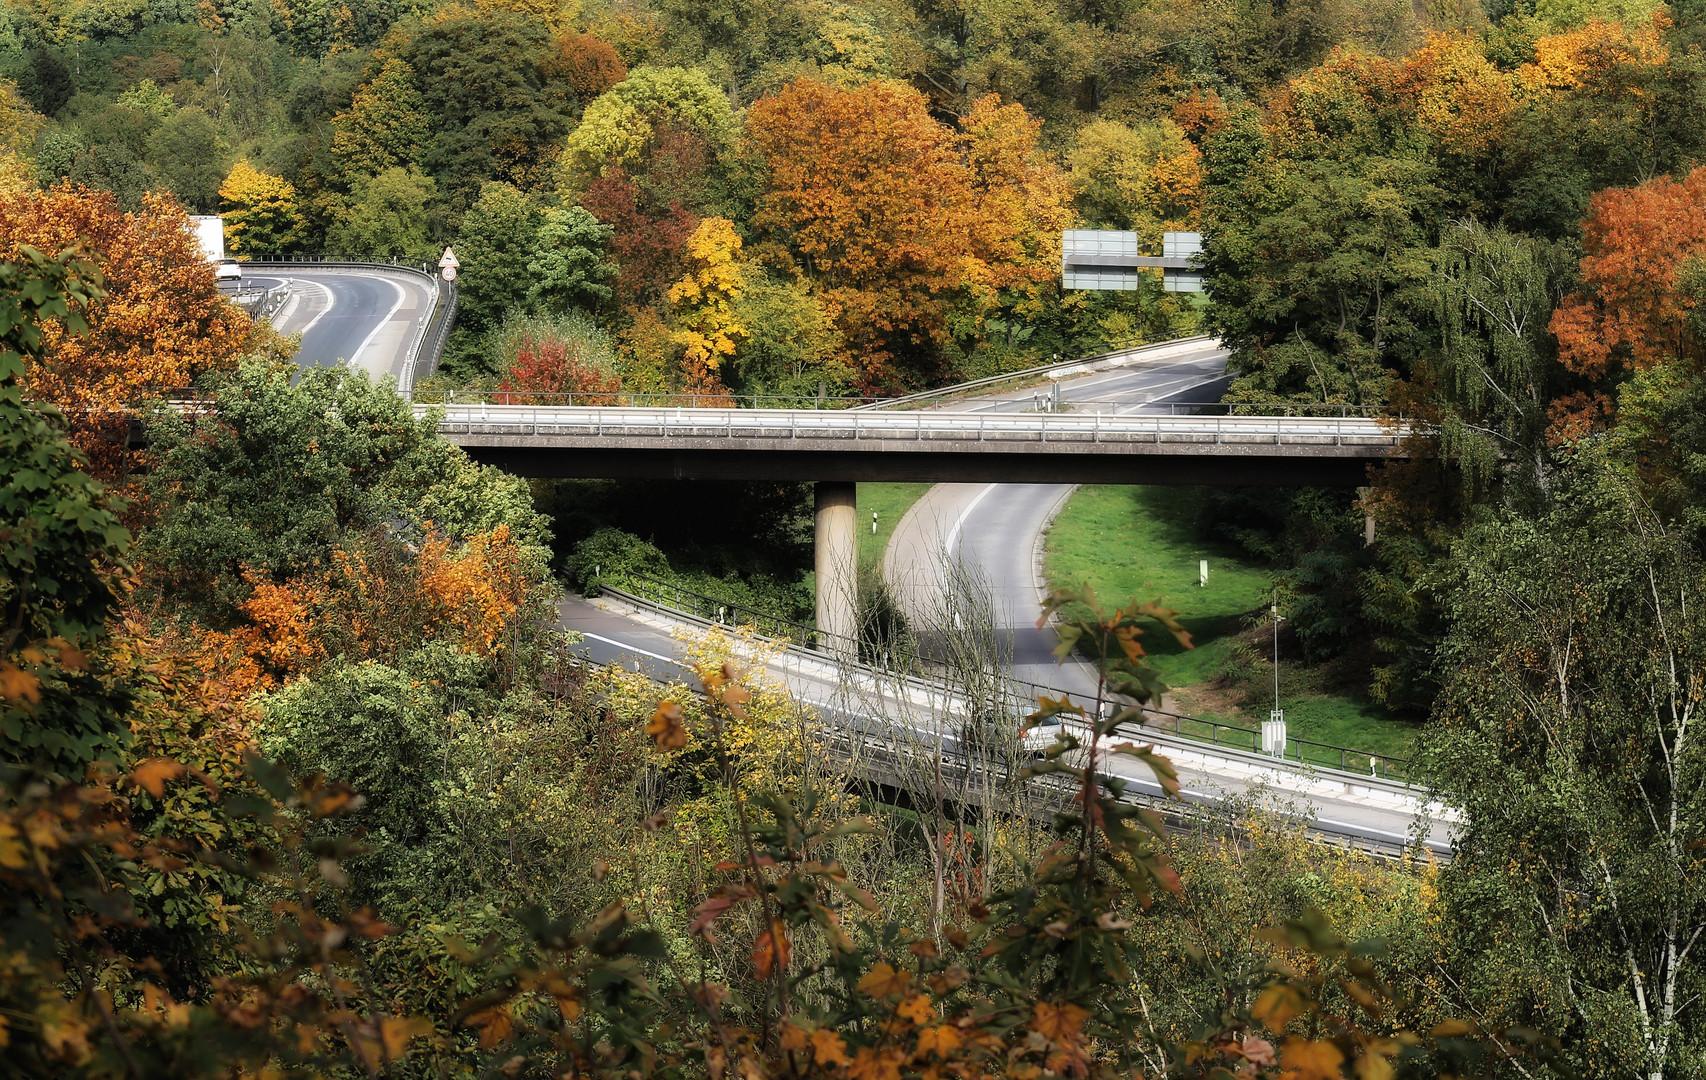 Herbst um die Duisburger Autobahn